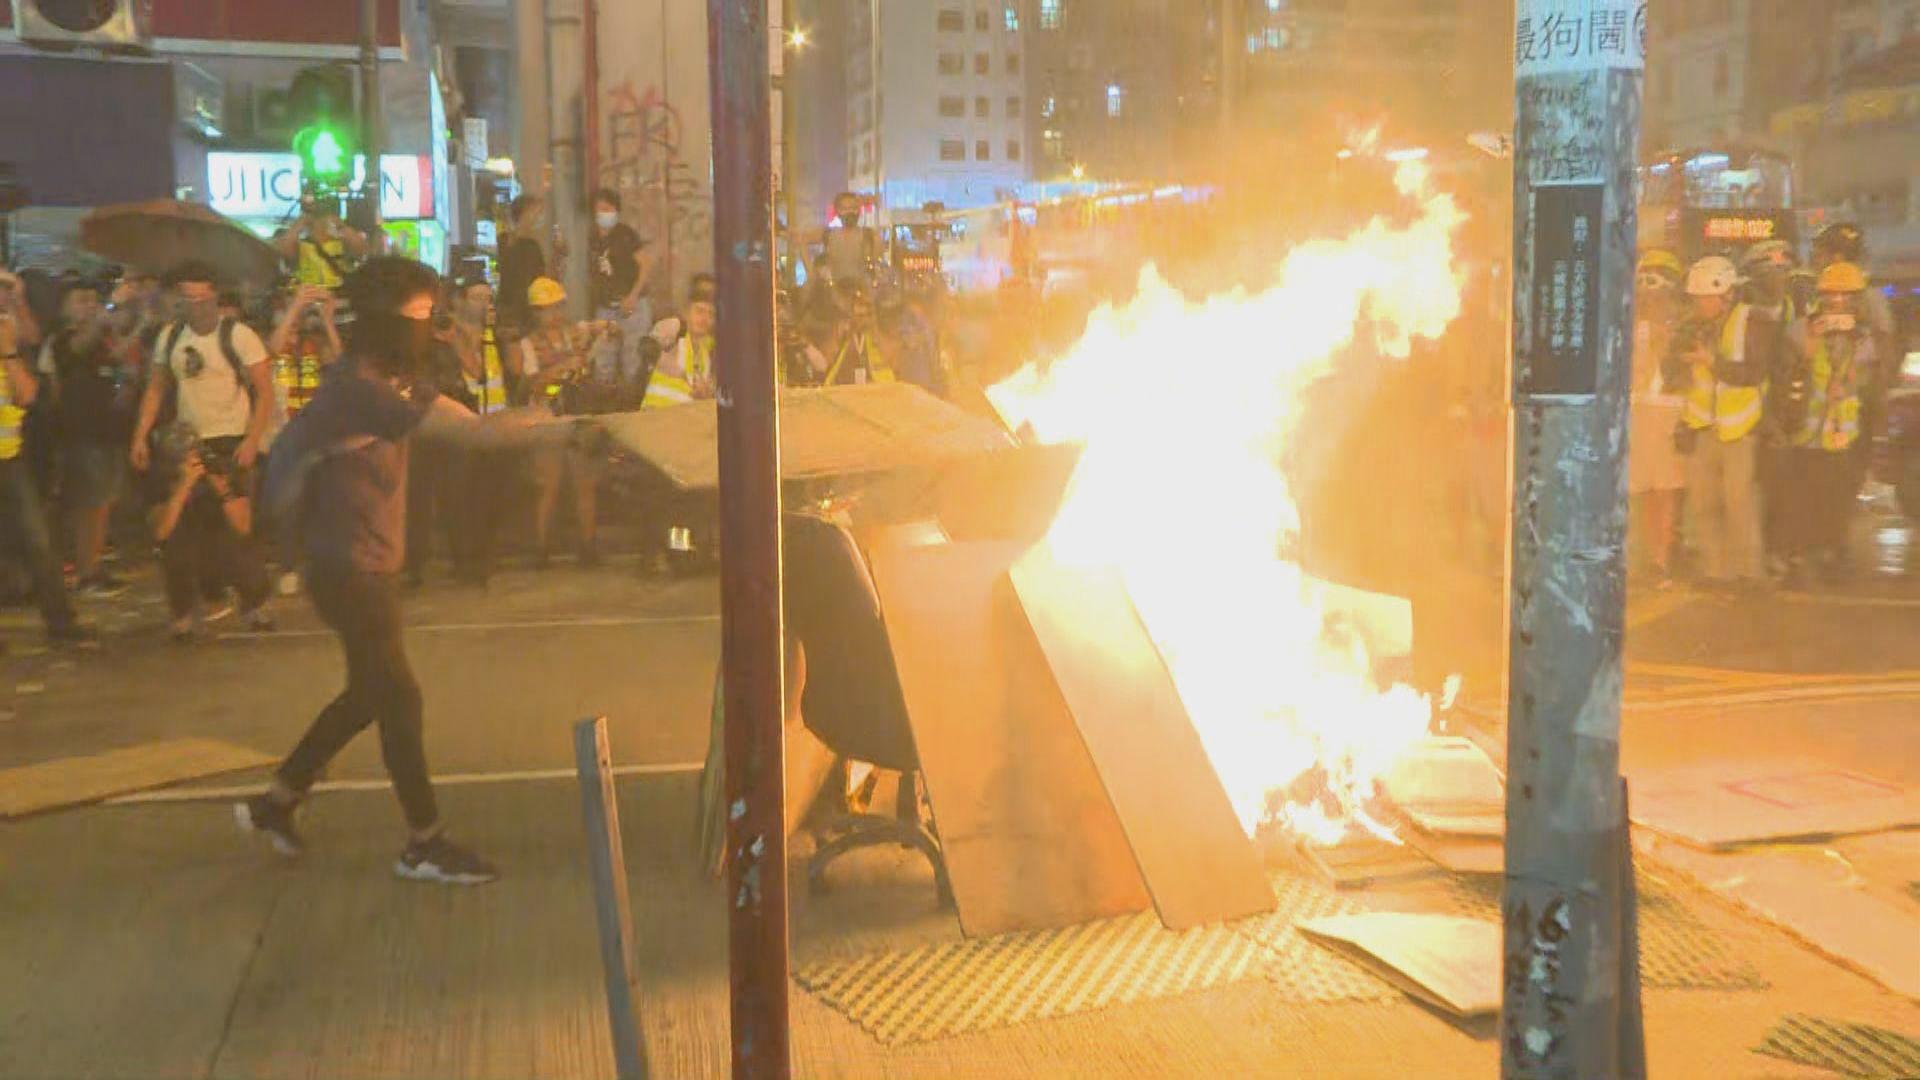 【不斷更新】示威者旺角警署外堵路與警對峙